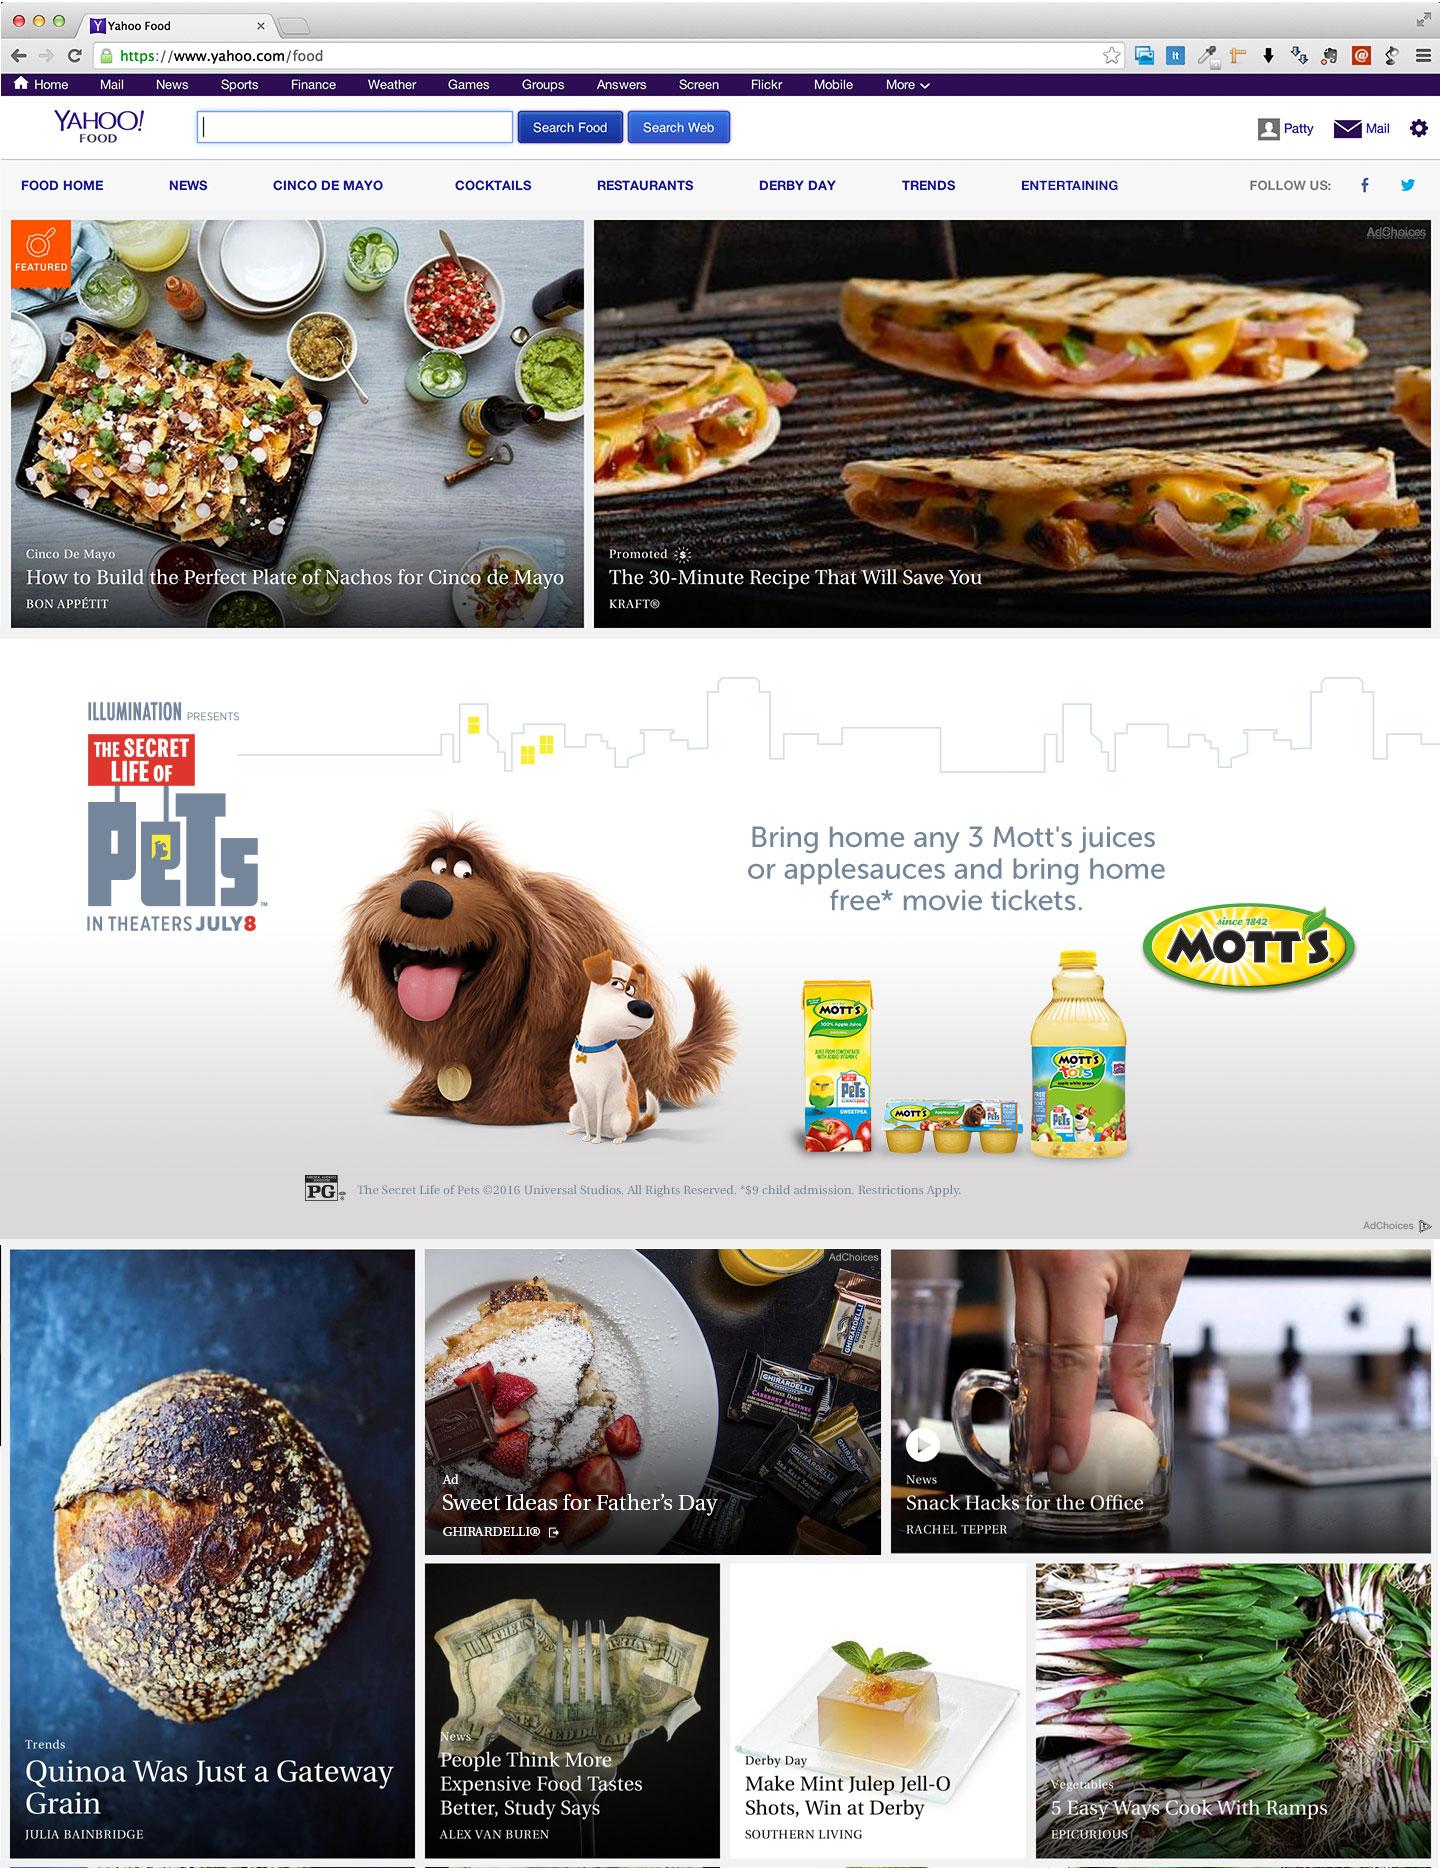 2016_splashads_tiles_food.jpg